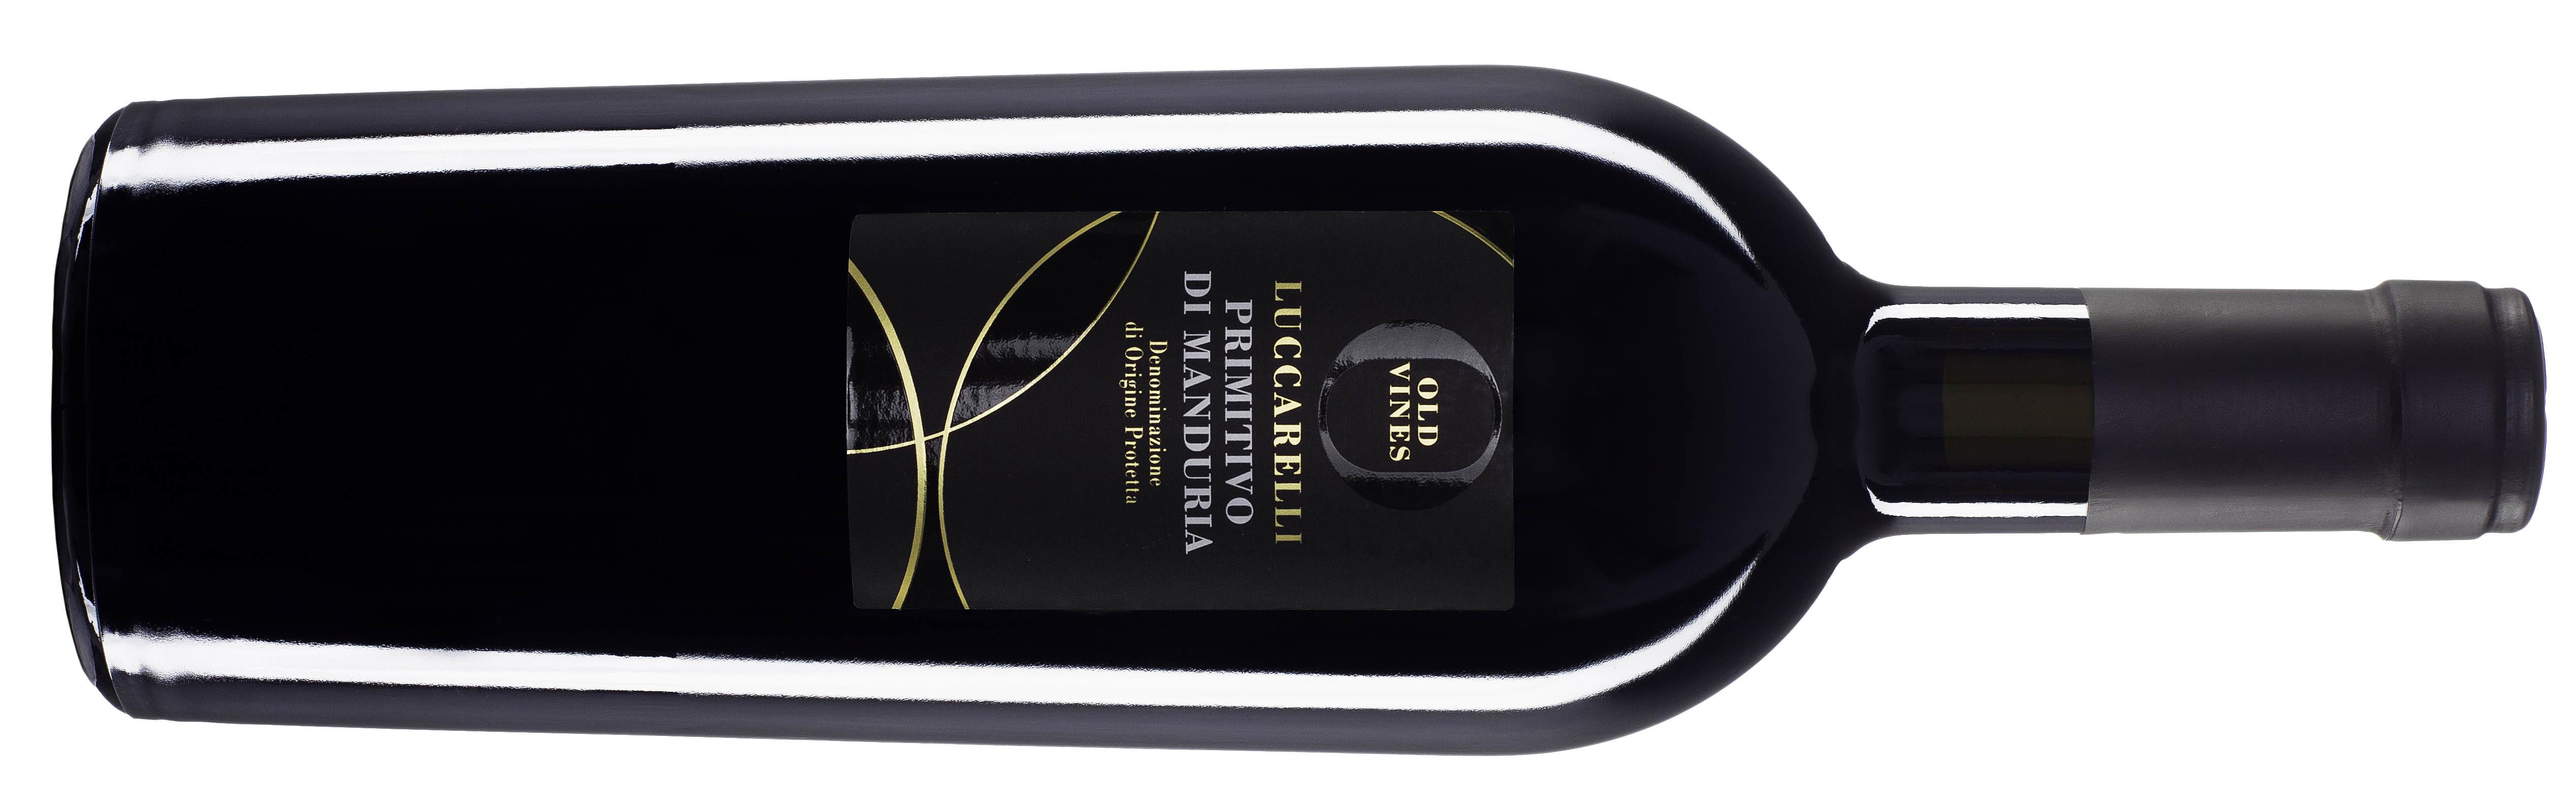 11444-luccarelli-primitivo-di-manduria-old-vines